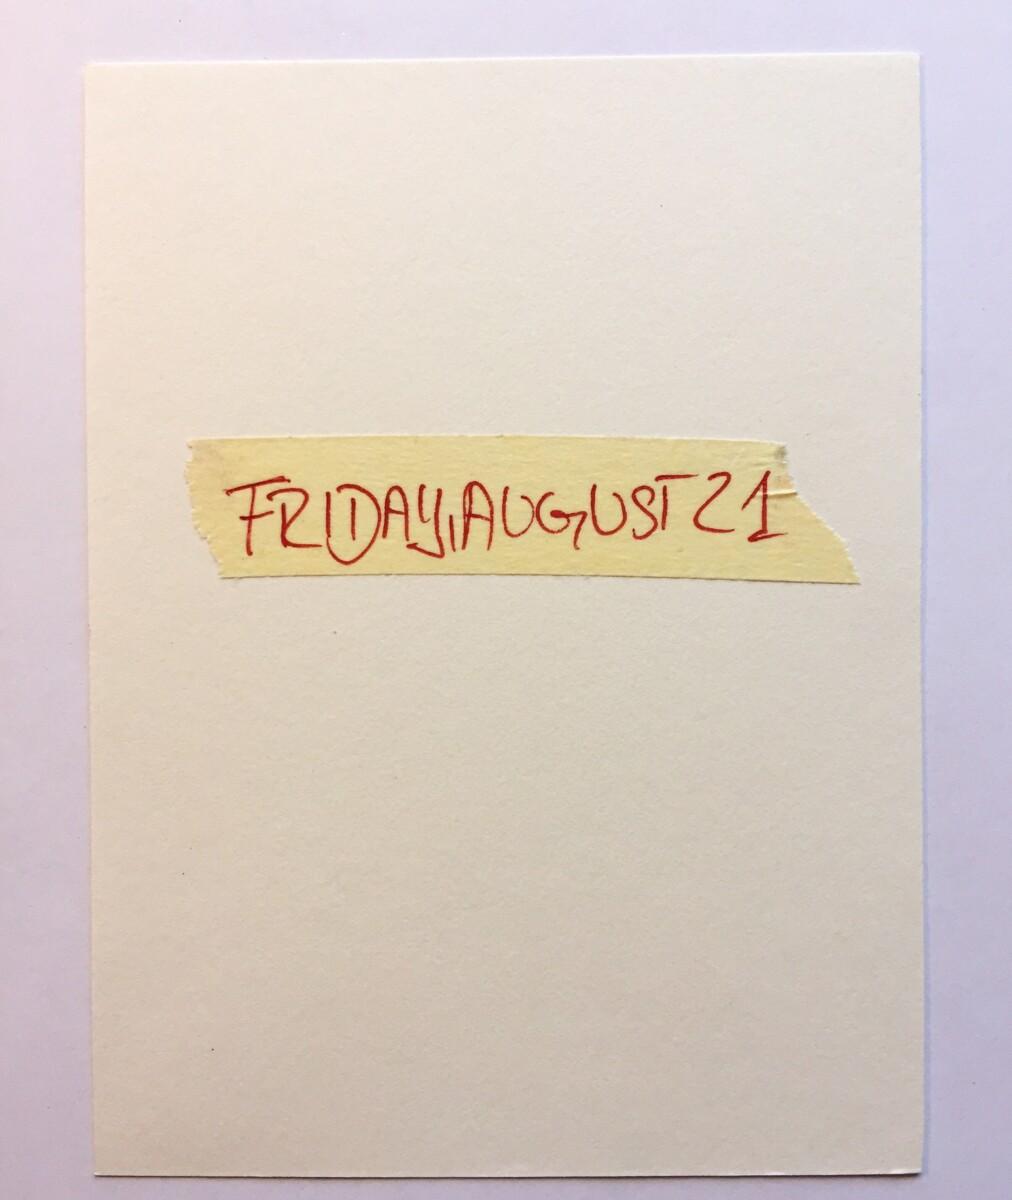 21_August_Calendar©Rachela Abbate